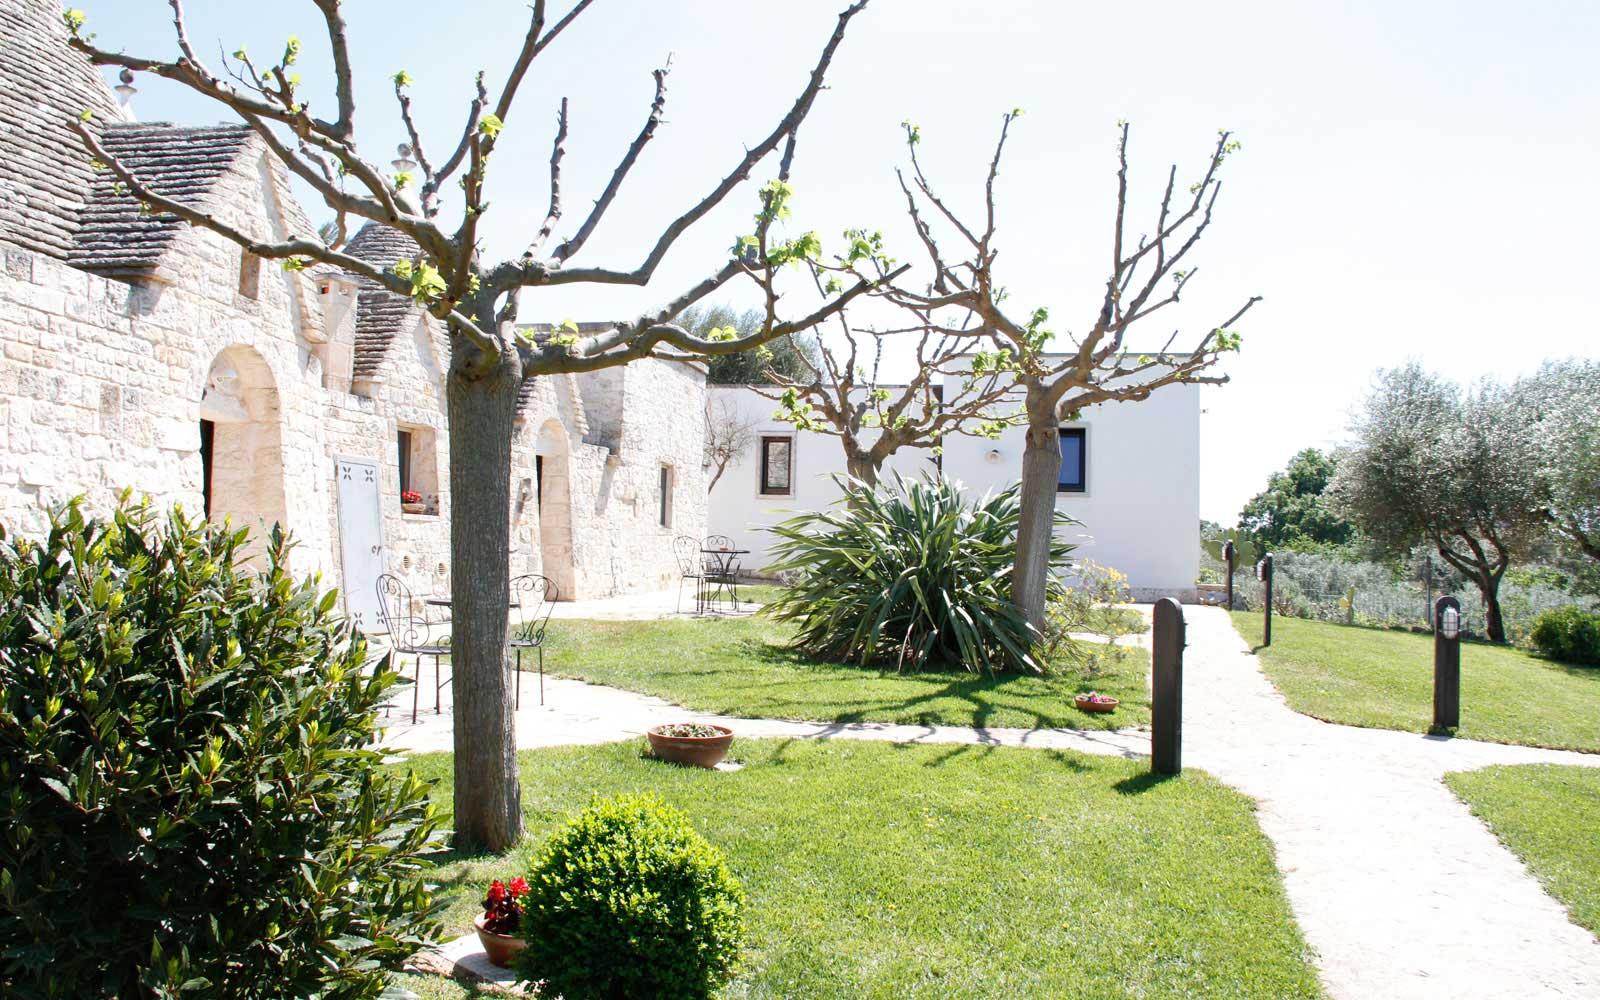 Garden Area at Il Palmento